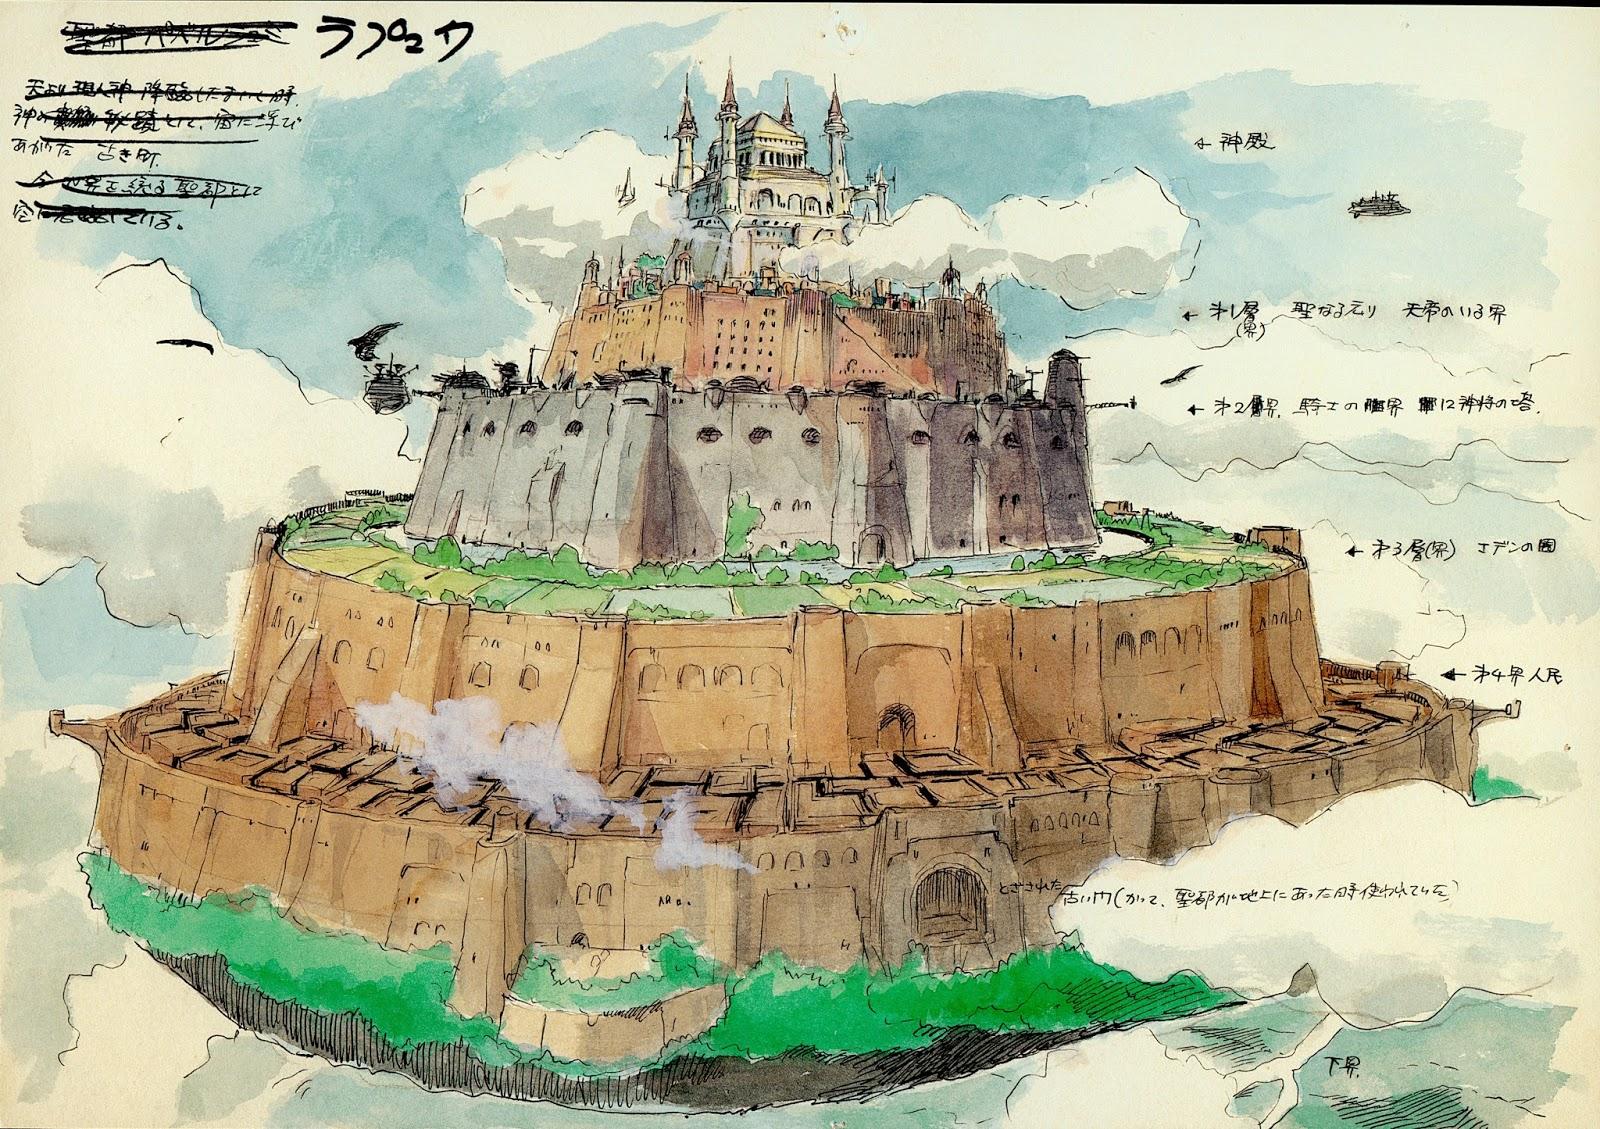 Das Schloss im Himmel Wallpaper im Gegensatz zu Diesem Frühen